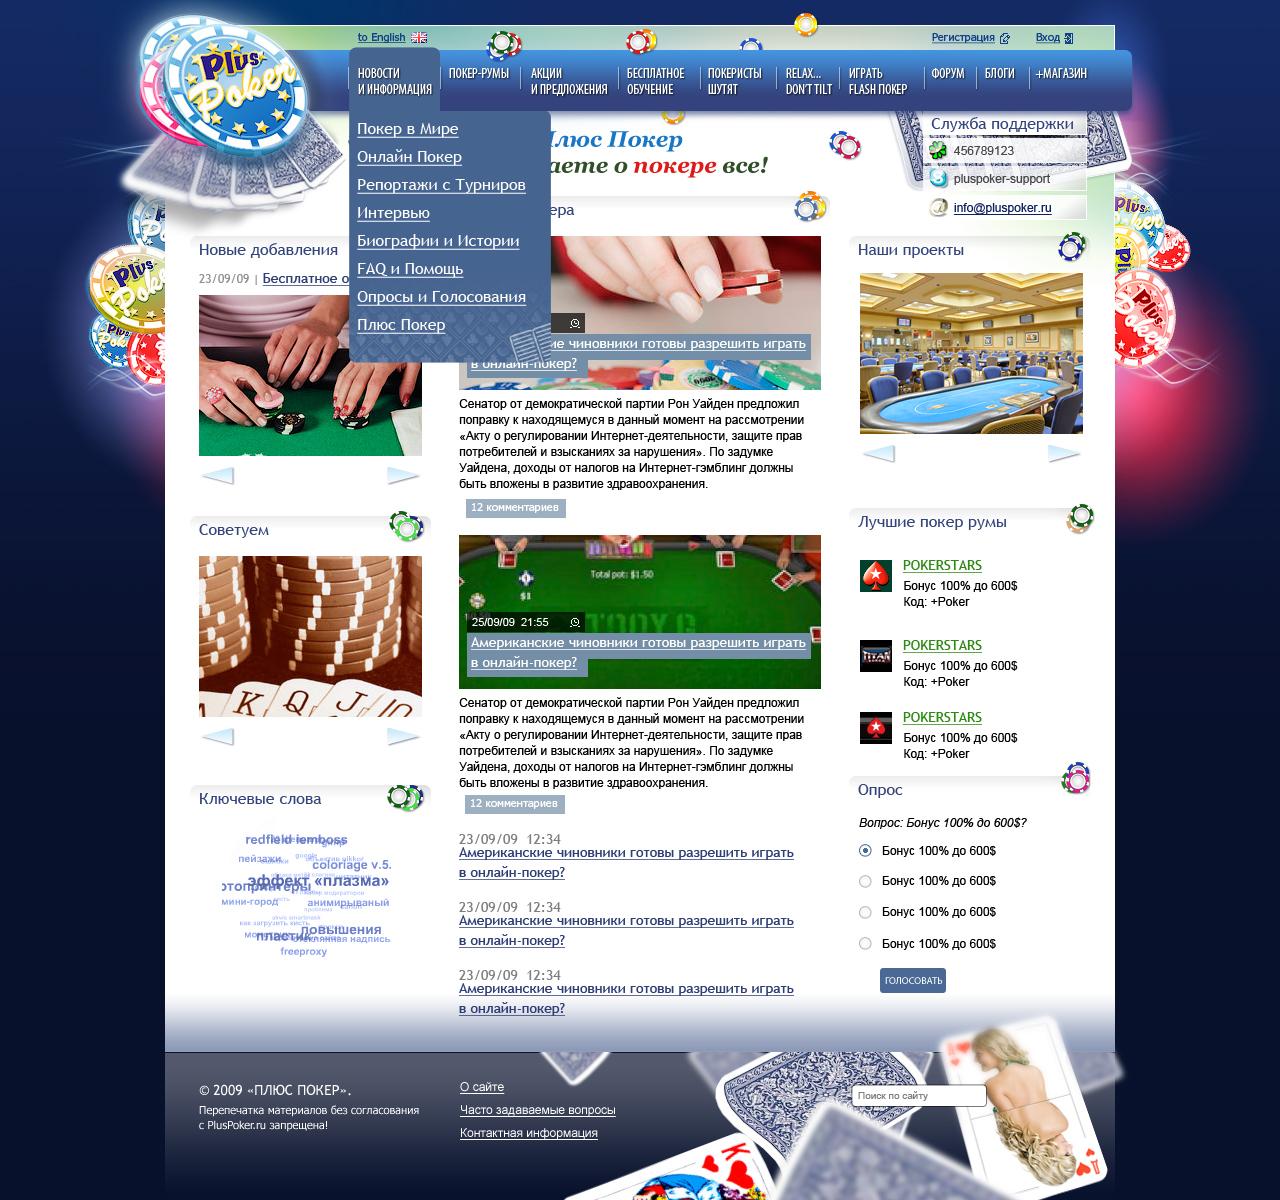 Покерный портал